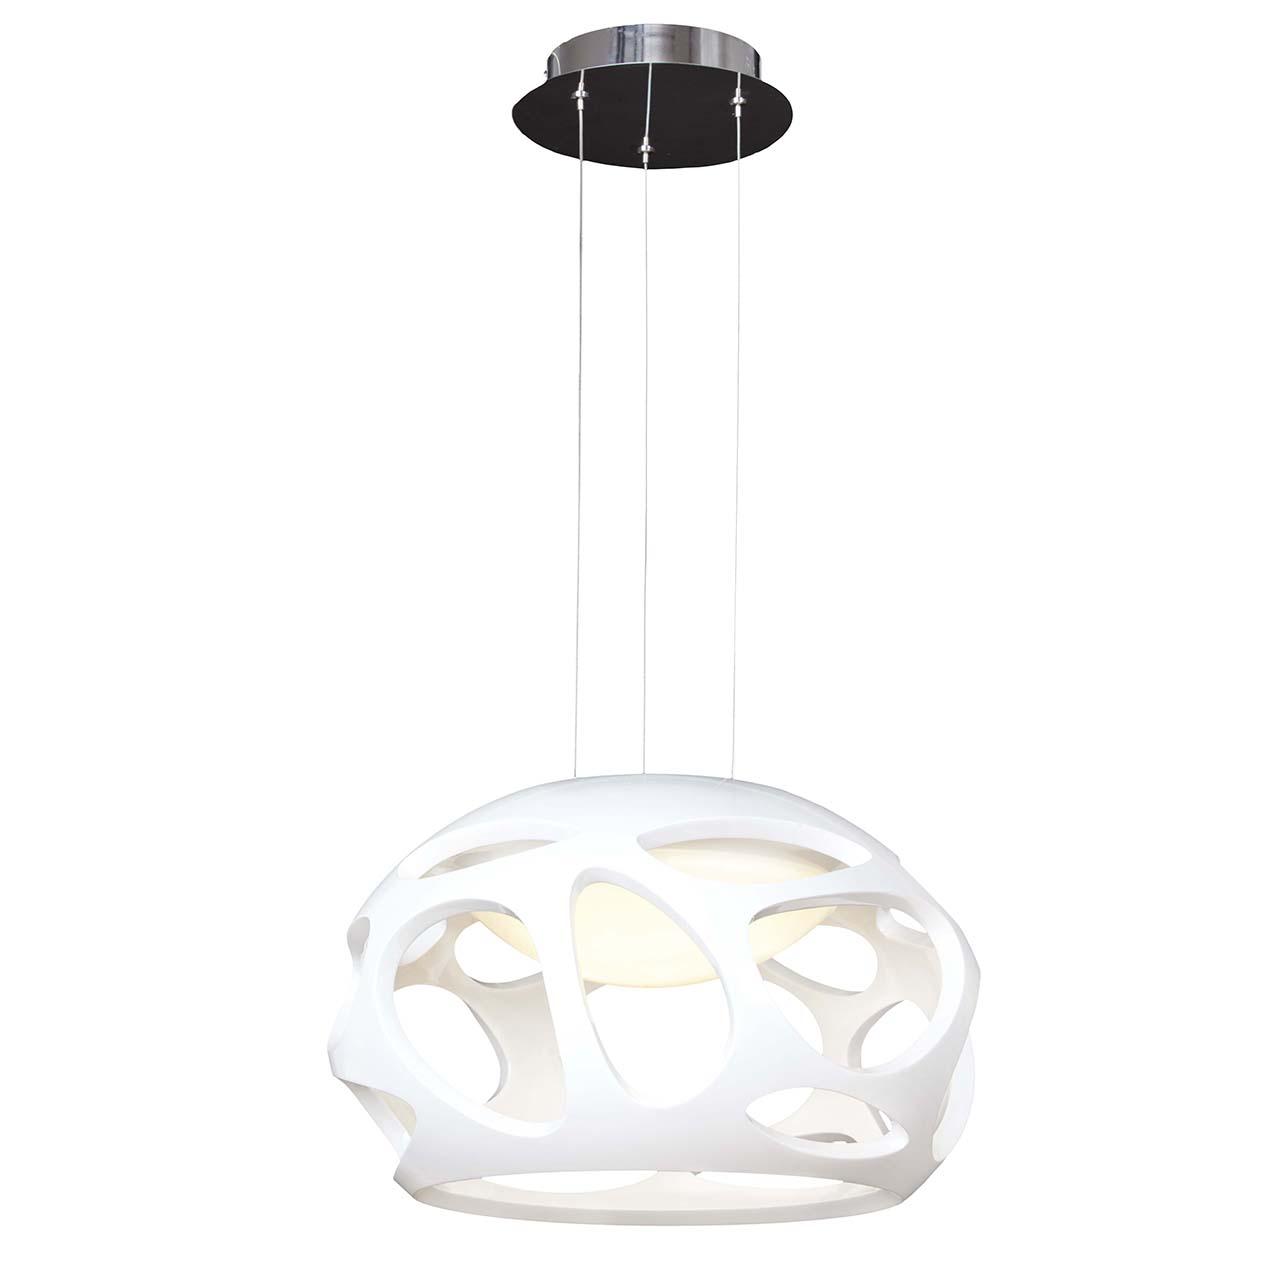 Купить Подвесной светильник Mantra Organica, inmyroom, Испания